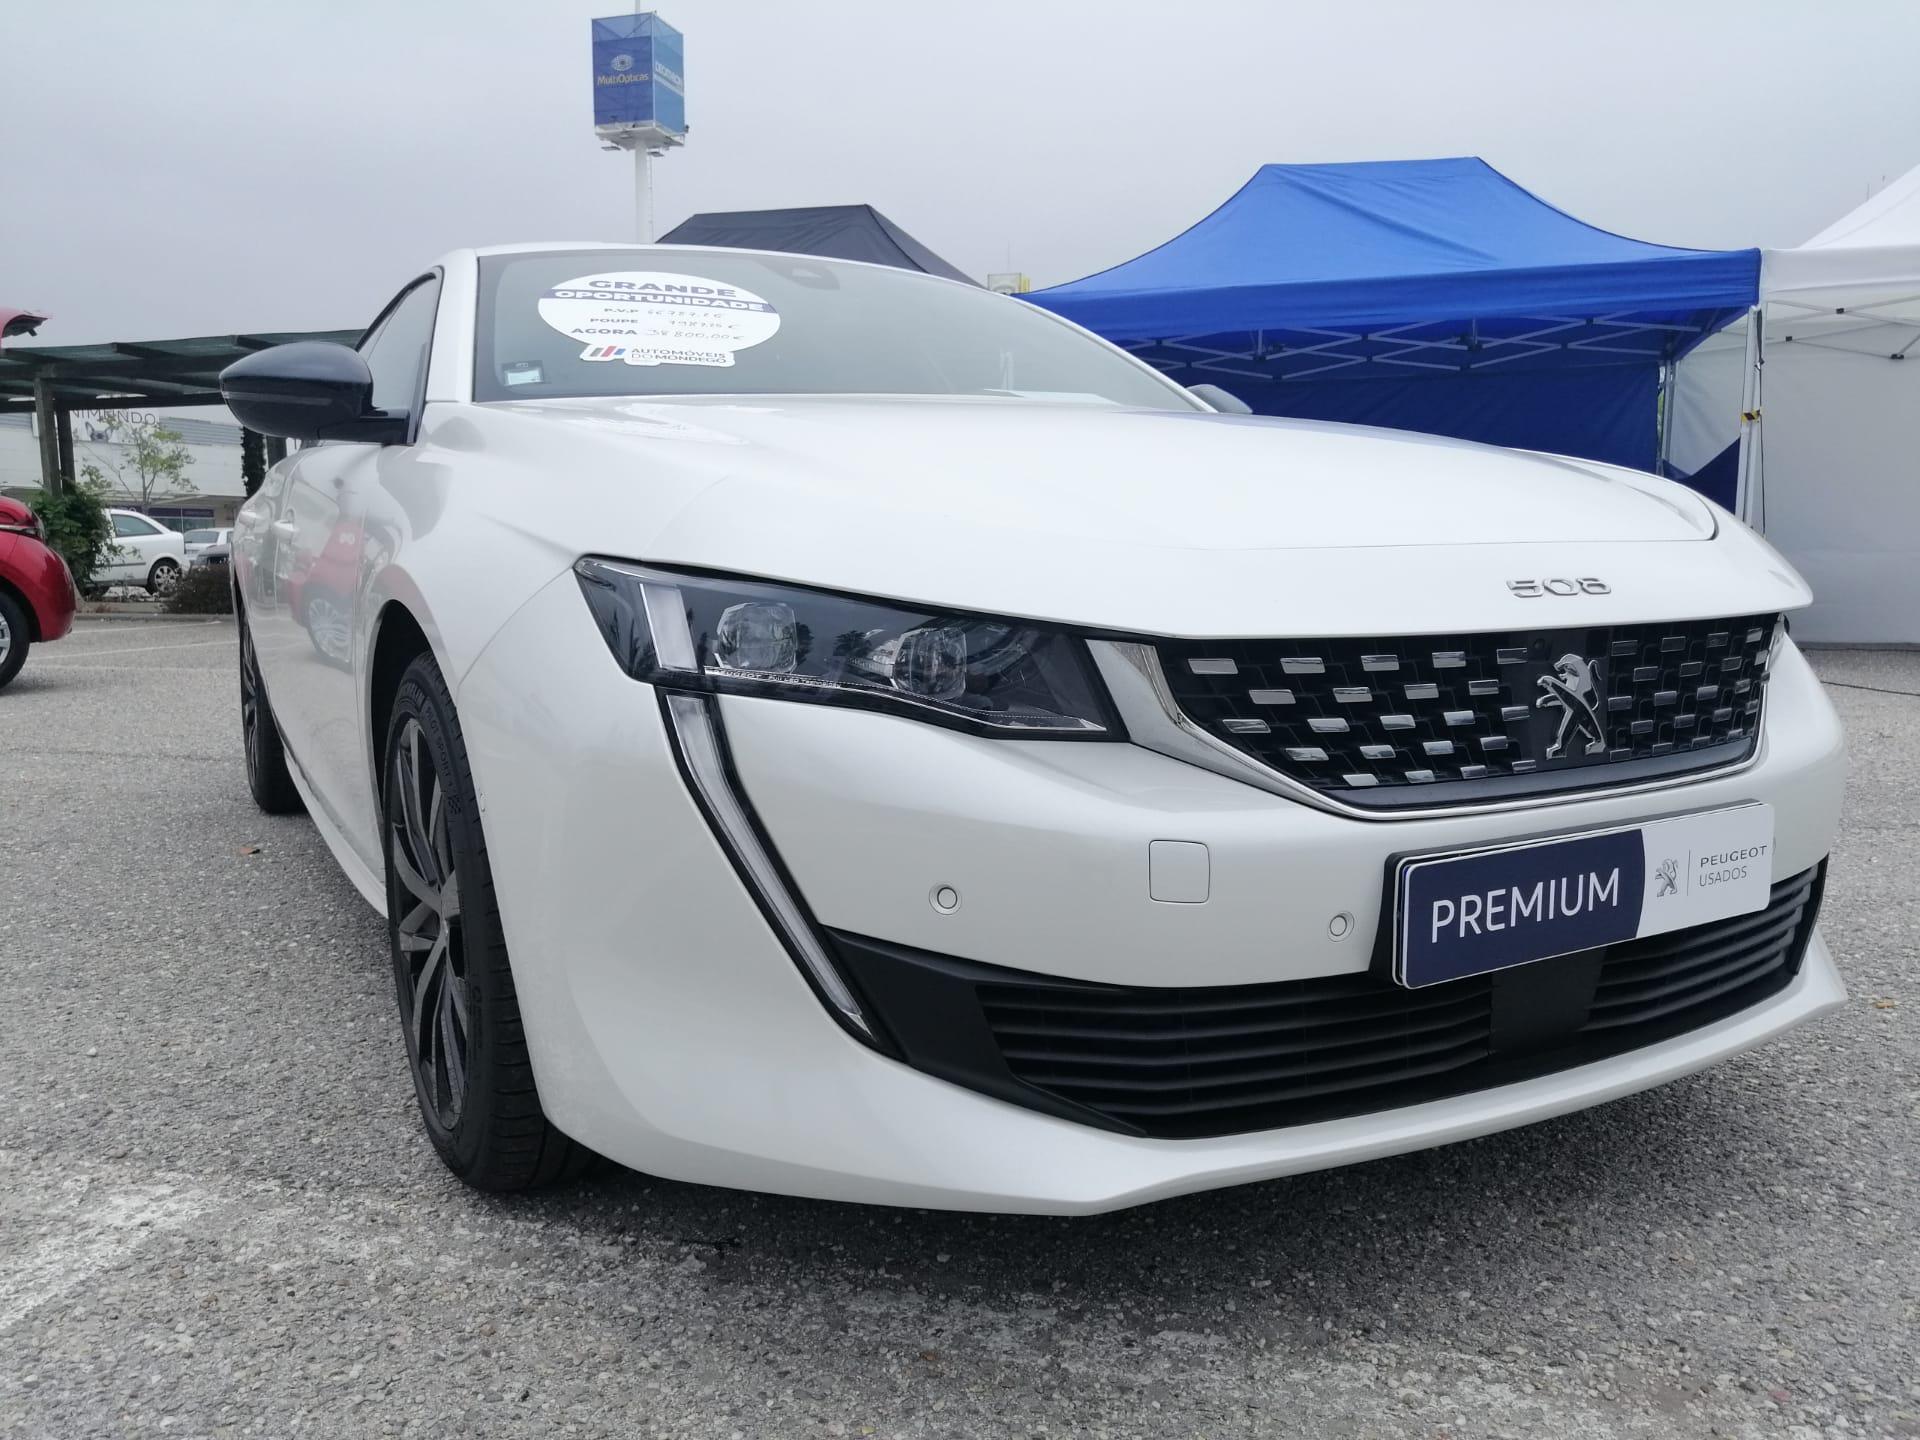 Novo 508 GT Line 1.5 BlueHDi 130cv CVM6 AMB0